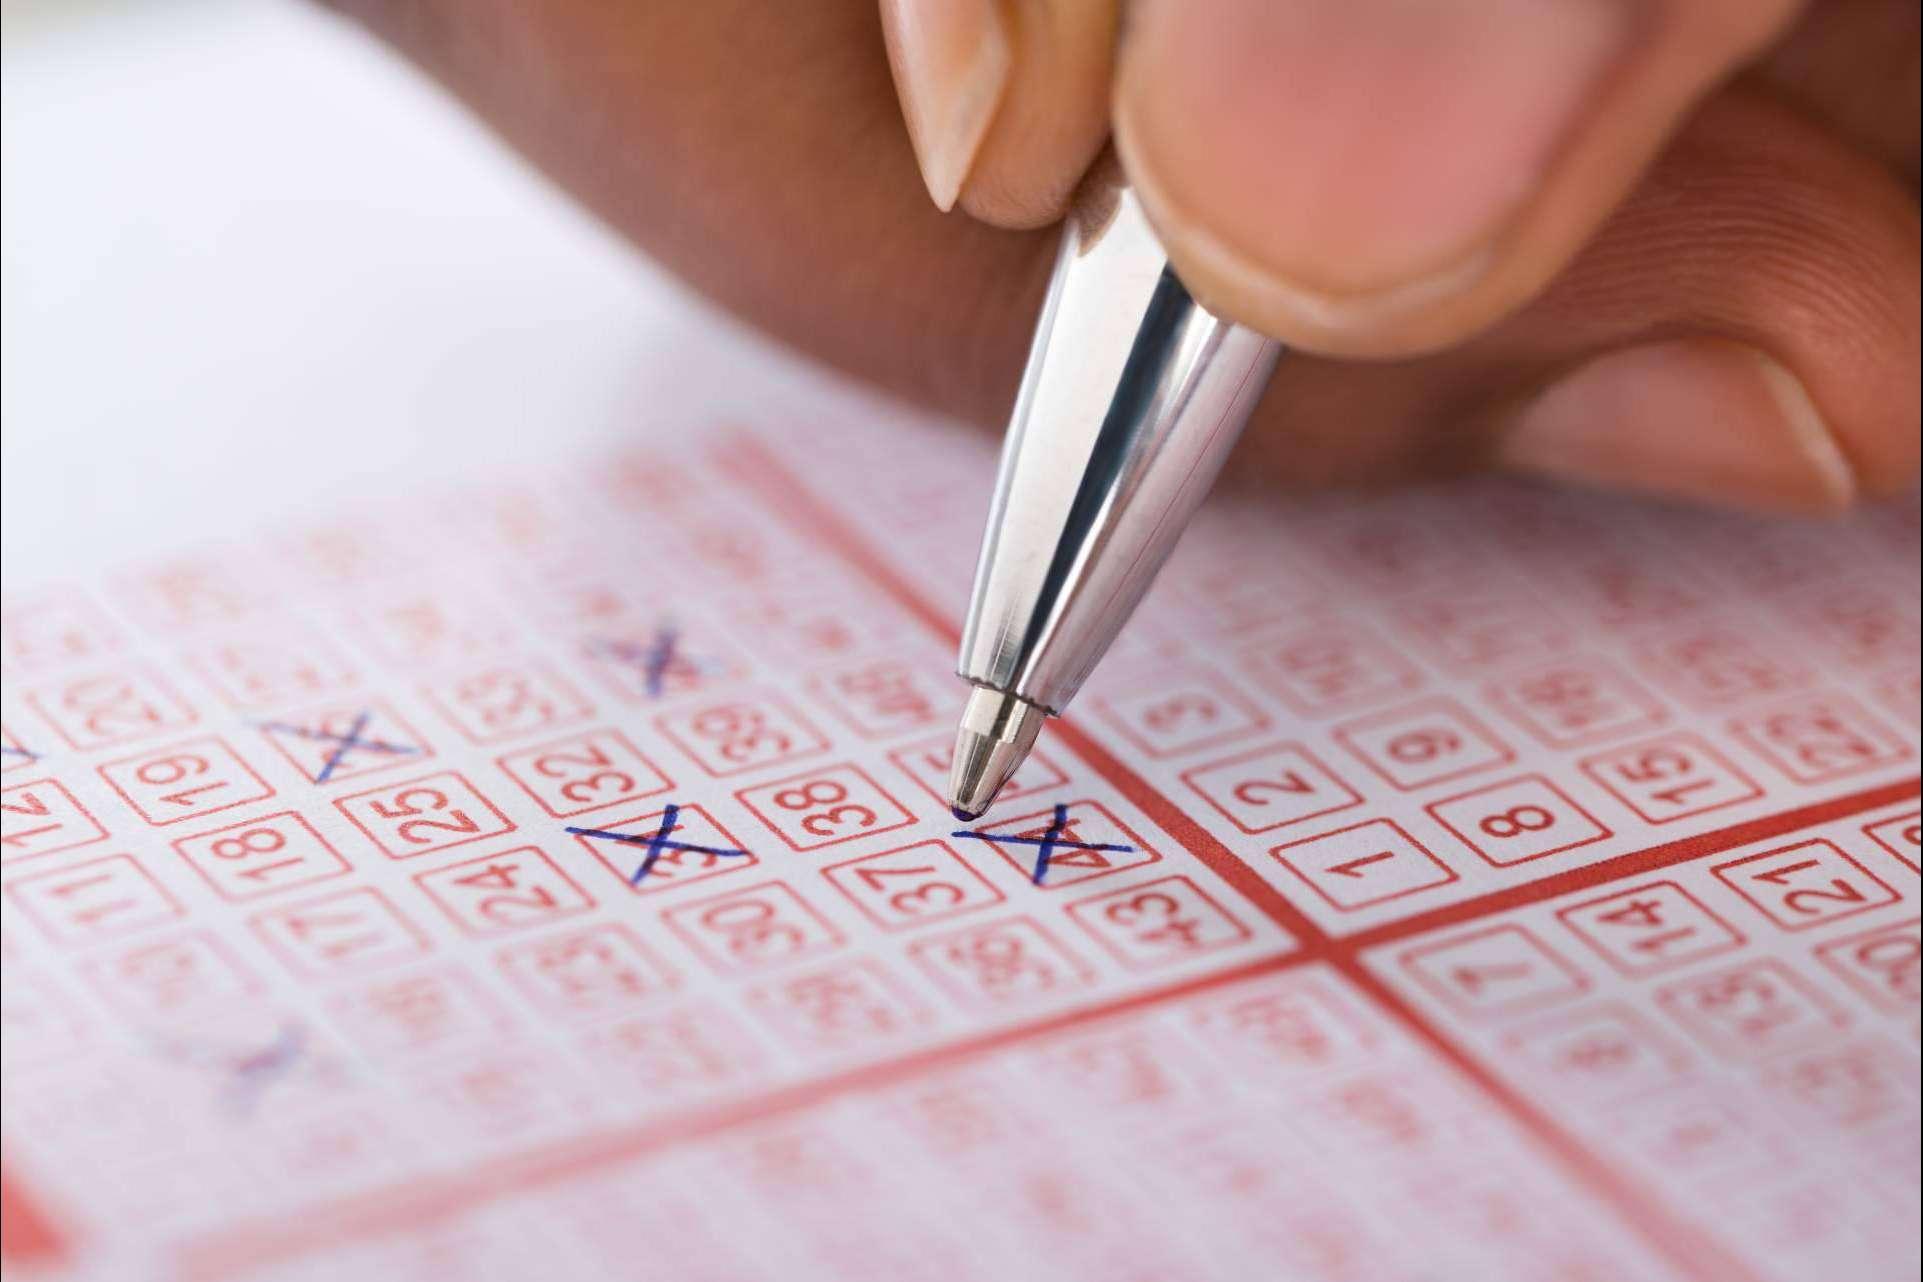 Ganar dinero extra y jugar a la primitiva online de forma segura con La Lotera